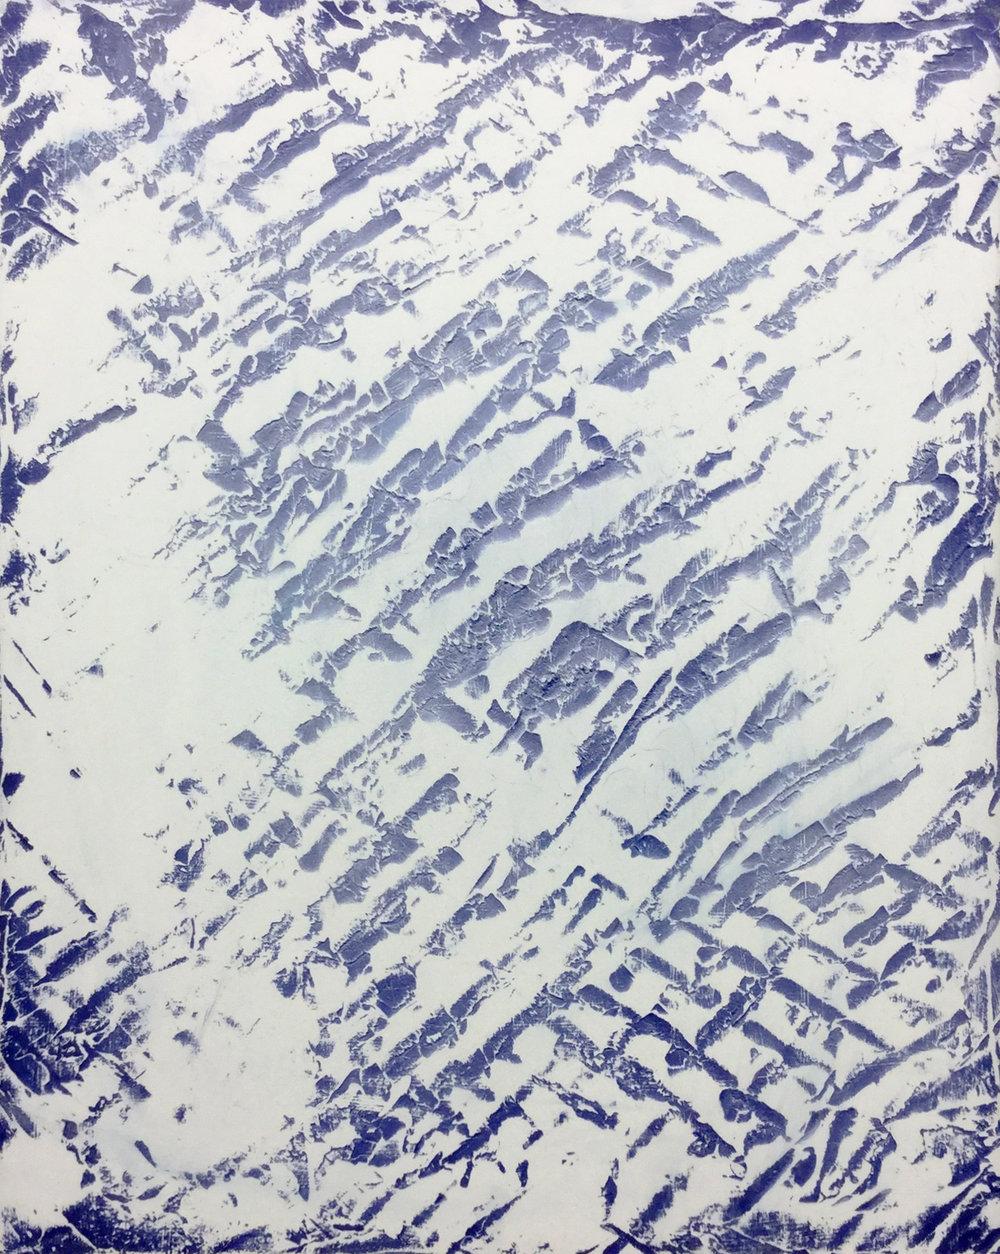 Offcut  2017  Plâtre, acrylique et peinture aérosol sur gypse  76 X 61 cm